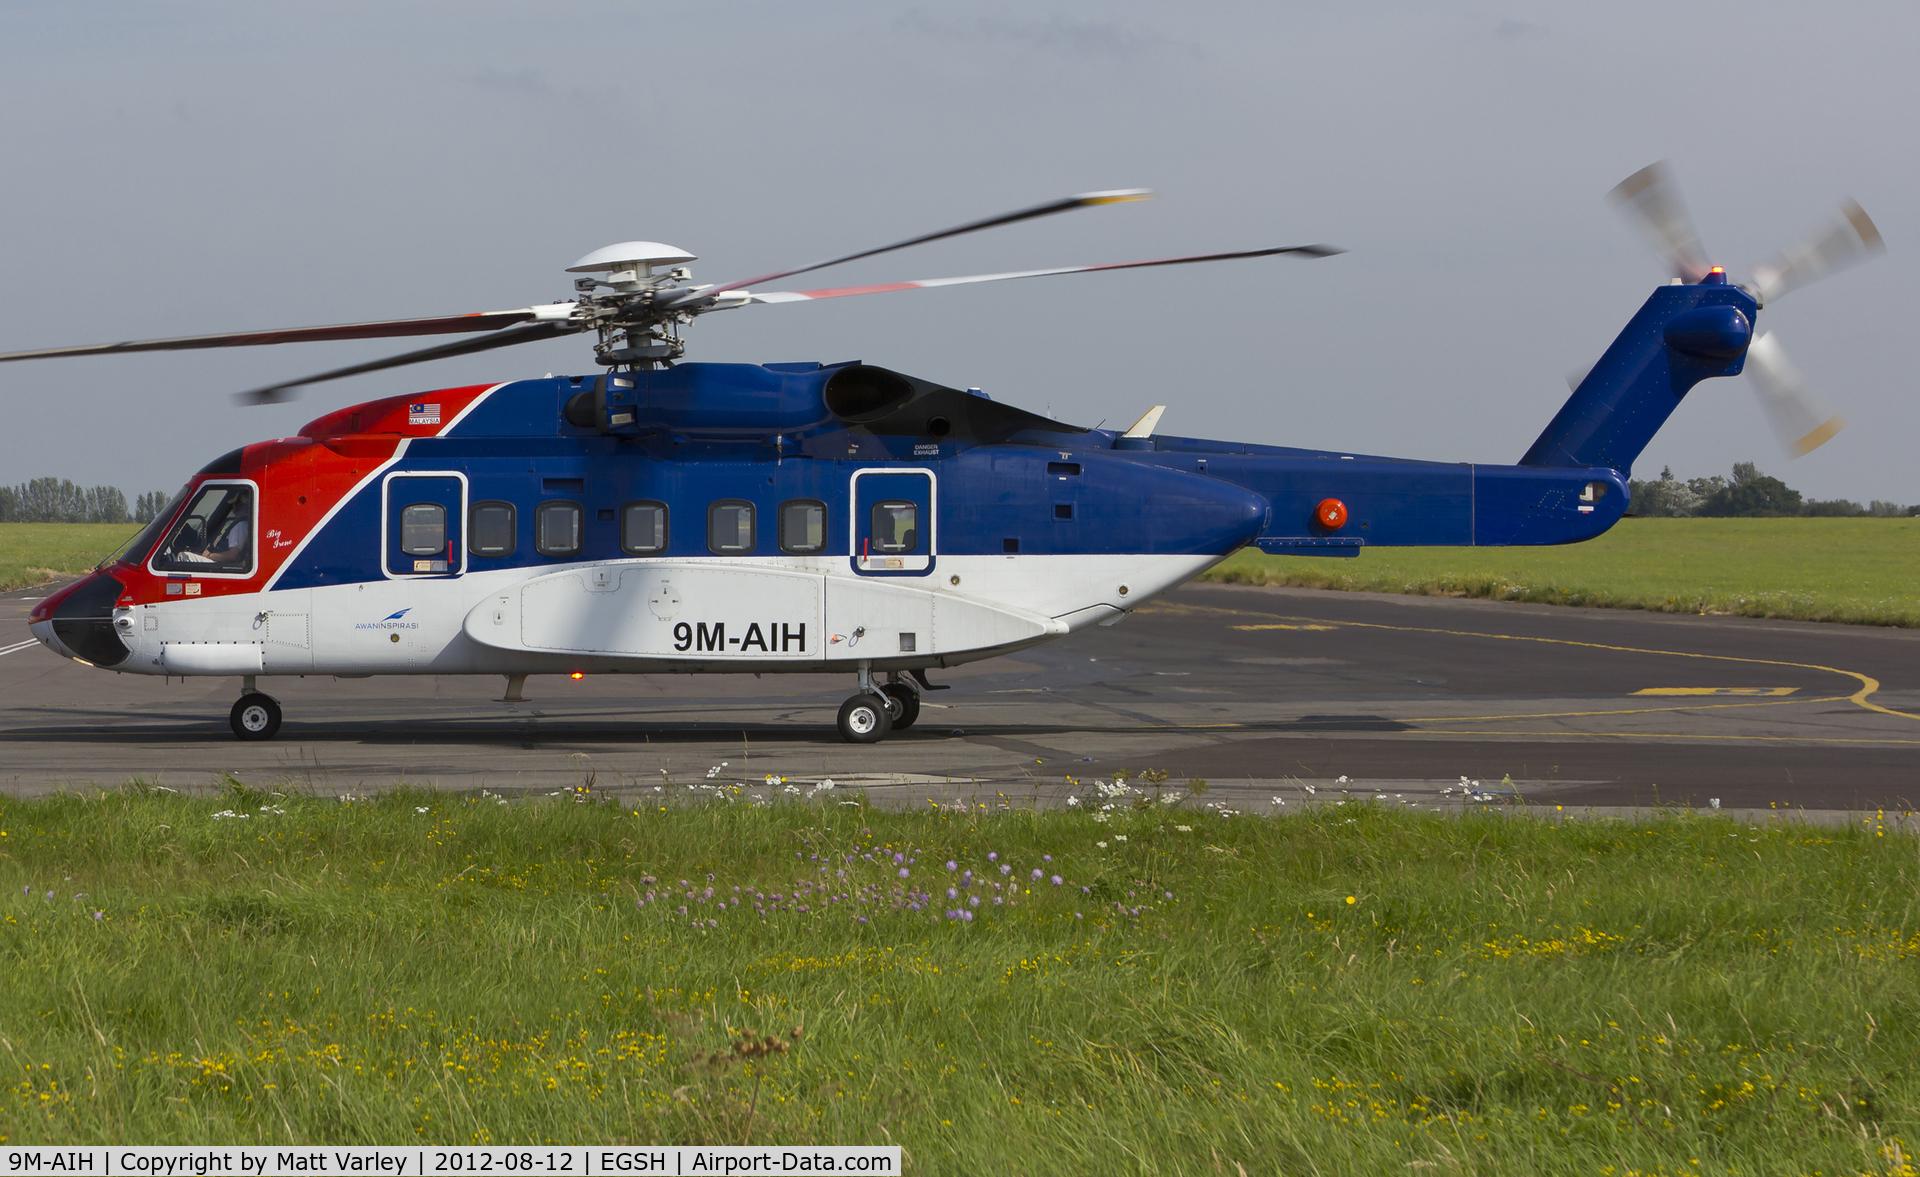 9M-AIH, 2005 Sikorsky S-92A C/N 920024, Arriving at SaxonAir from Den Helder.